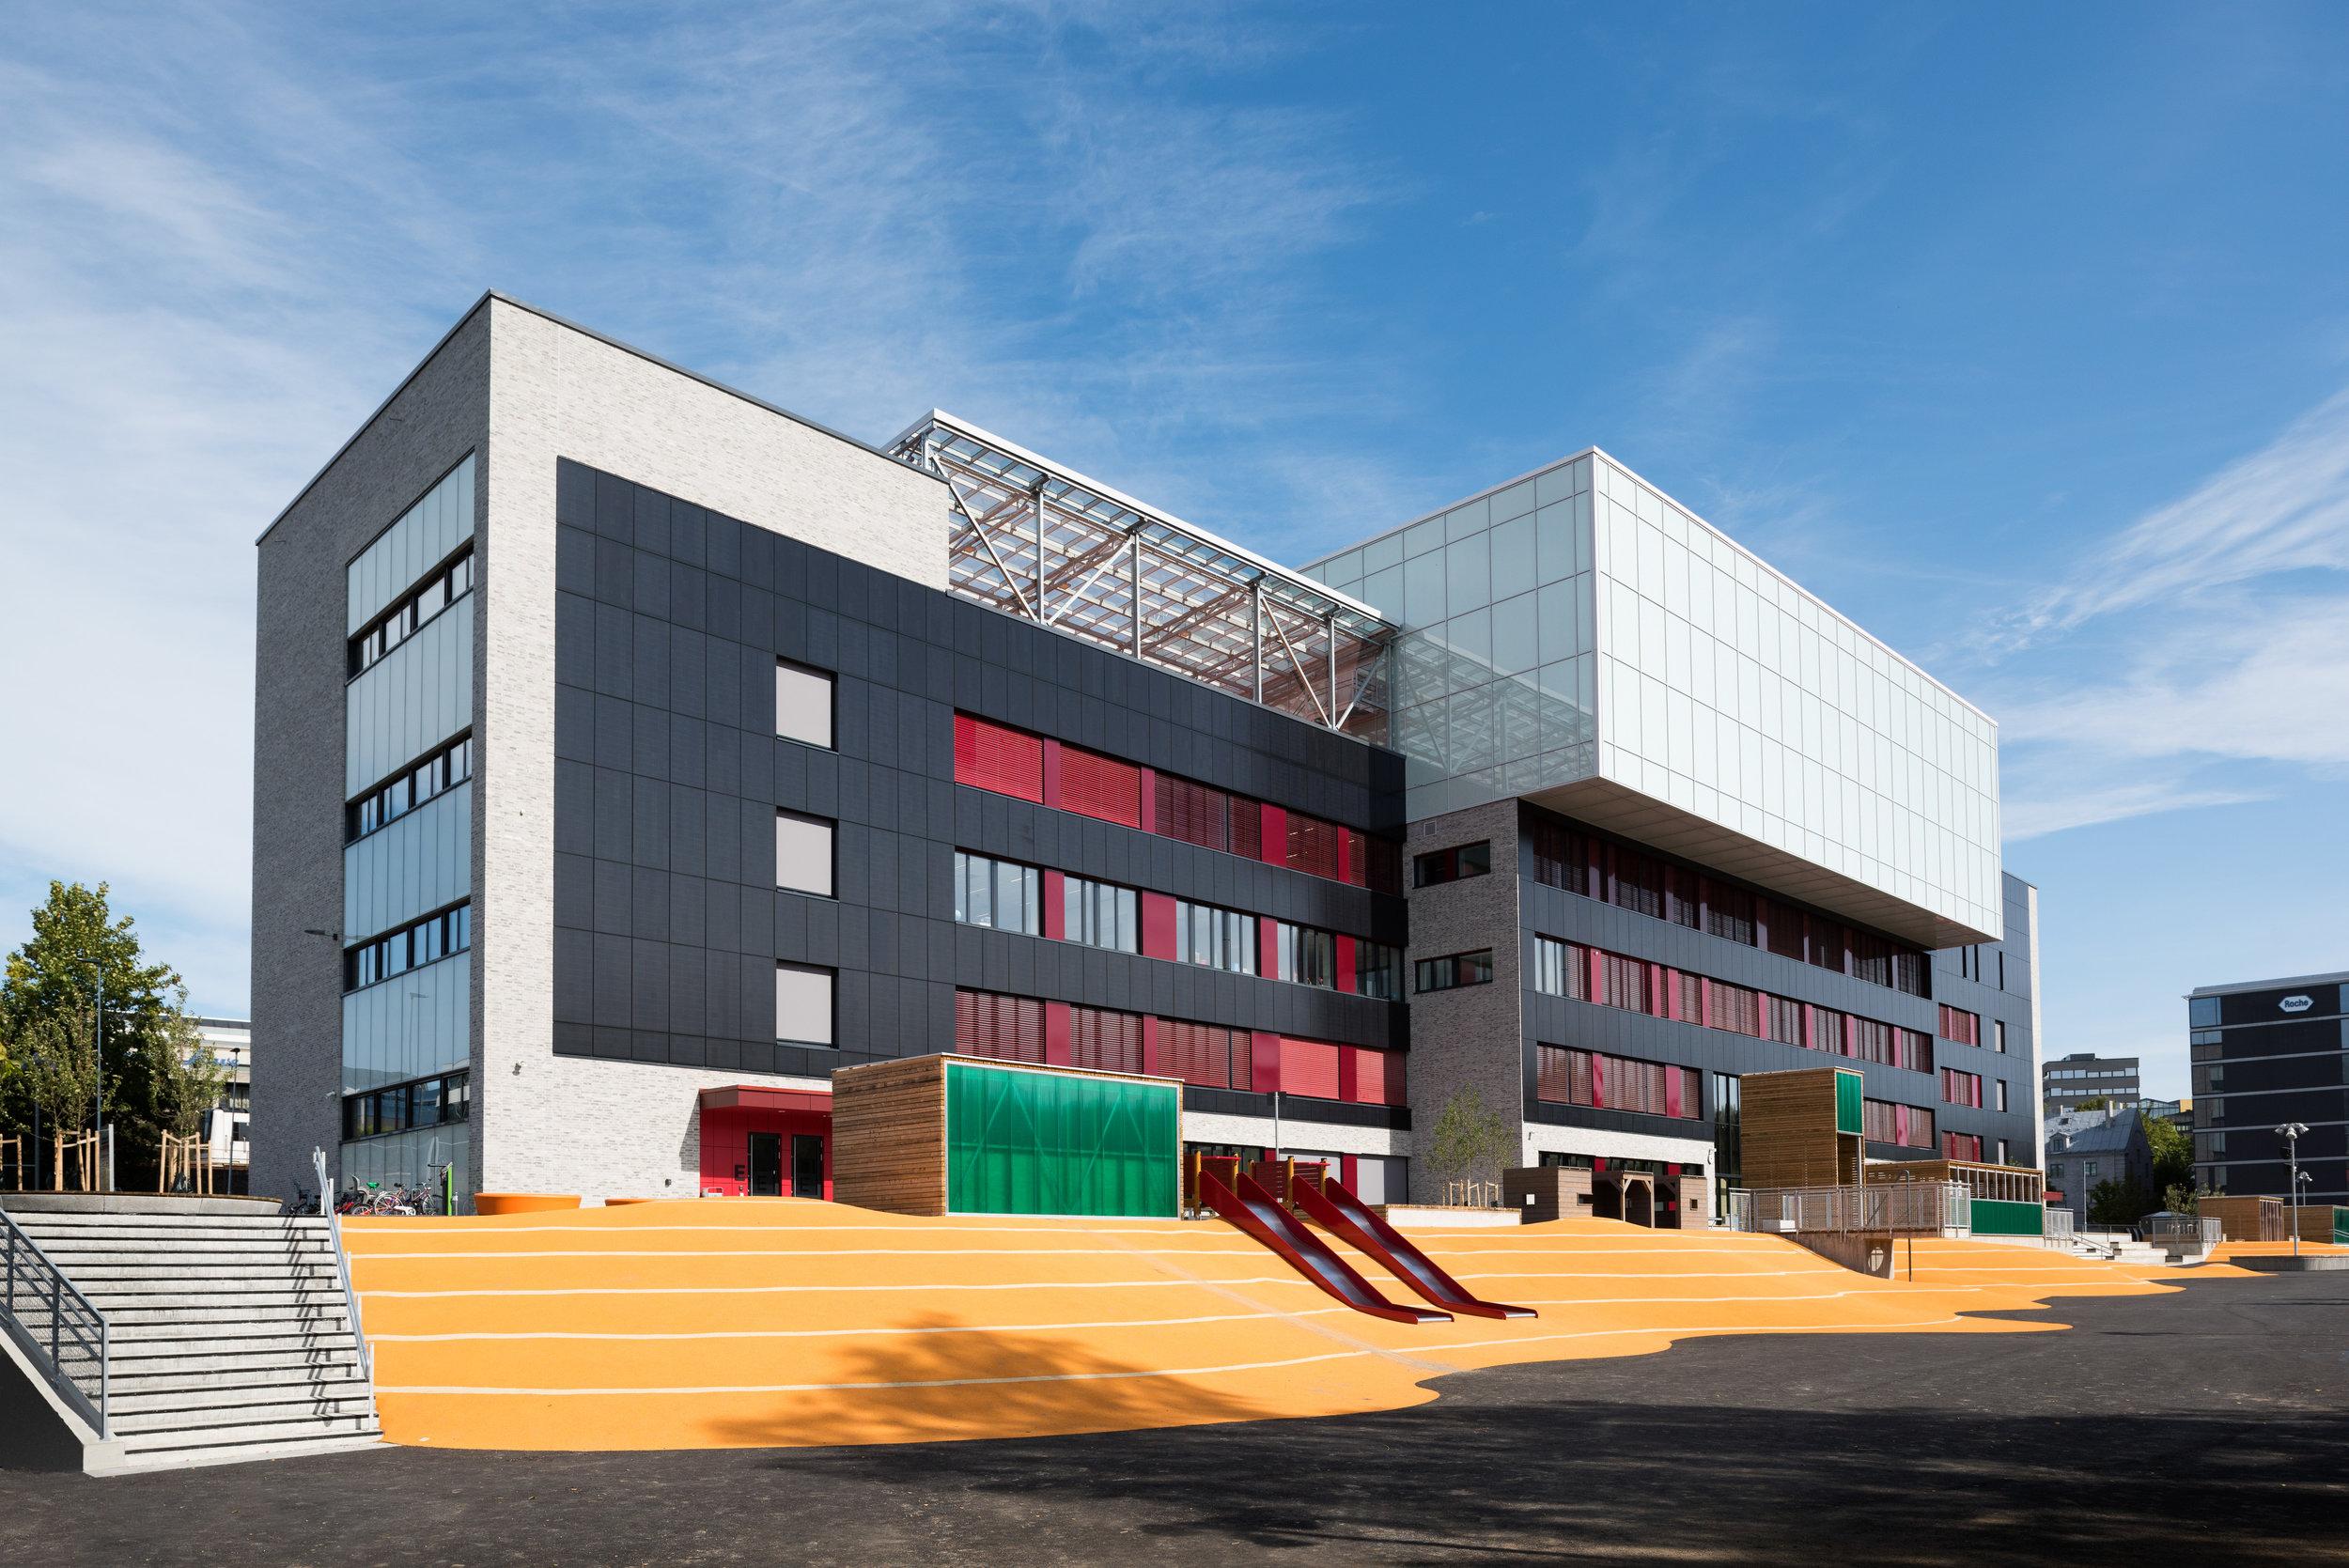 Brynseng skole har et av landets største fasadeintegrerte solcelleanlegg. Foto: Undervisningsbygg.